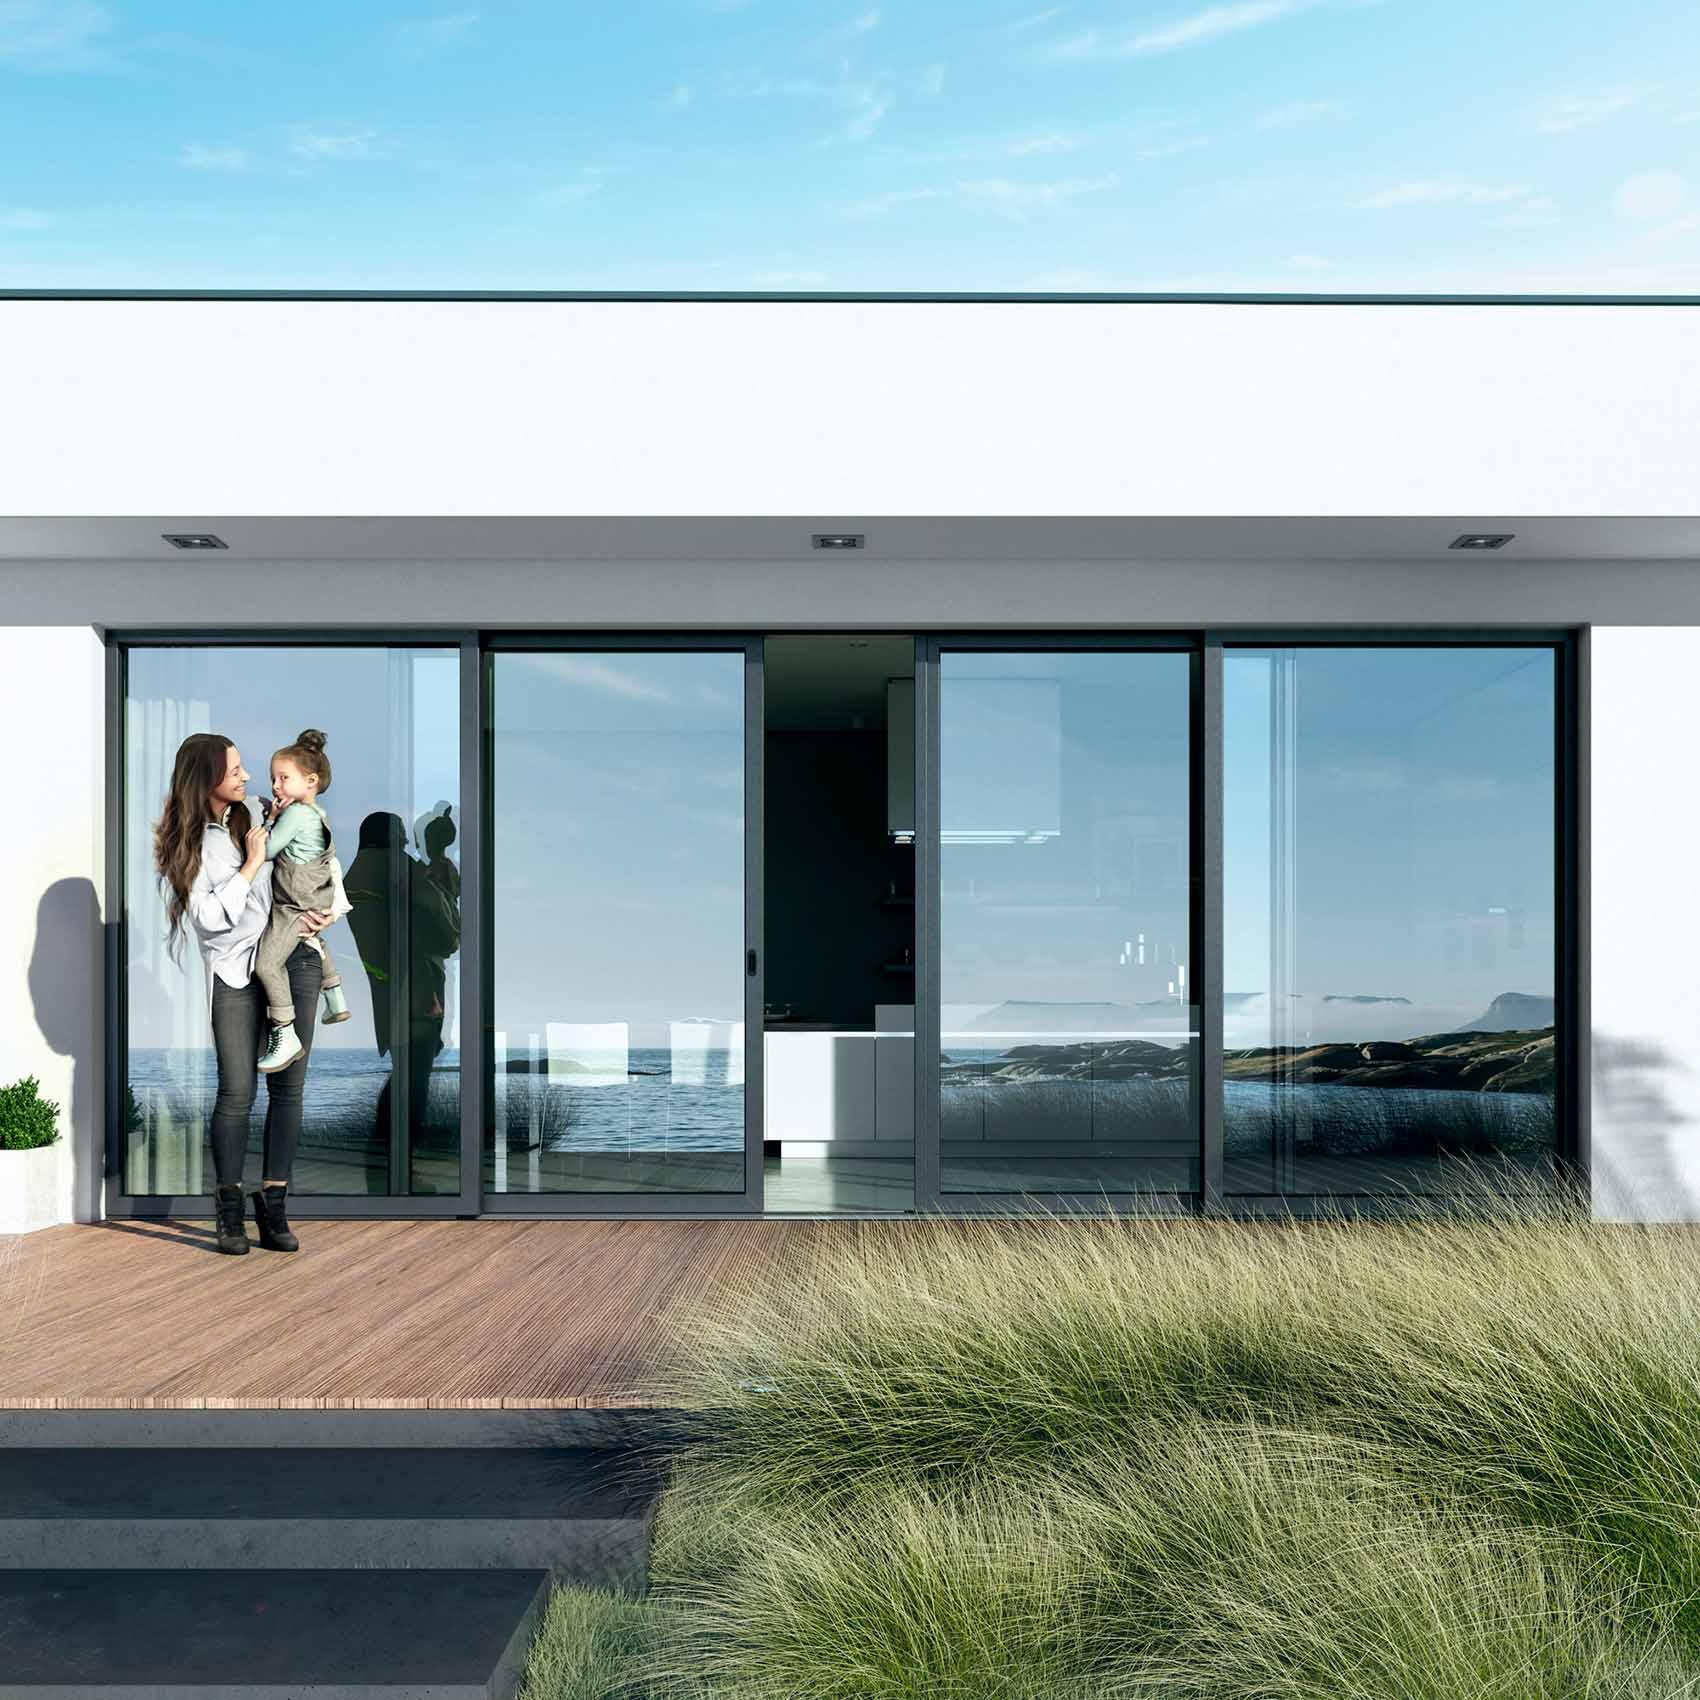 Interior design e benessere abitativo: l'importanza dei serramenti